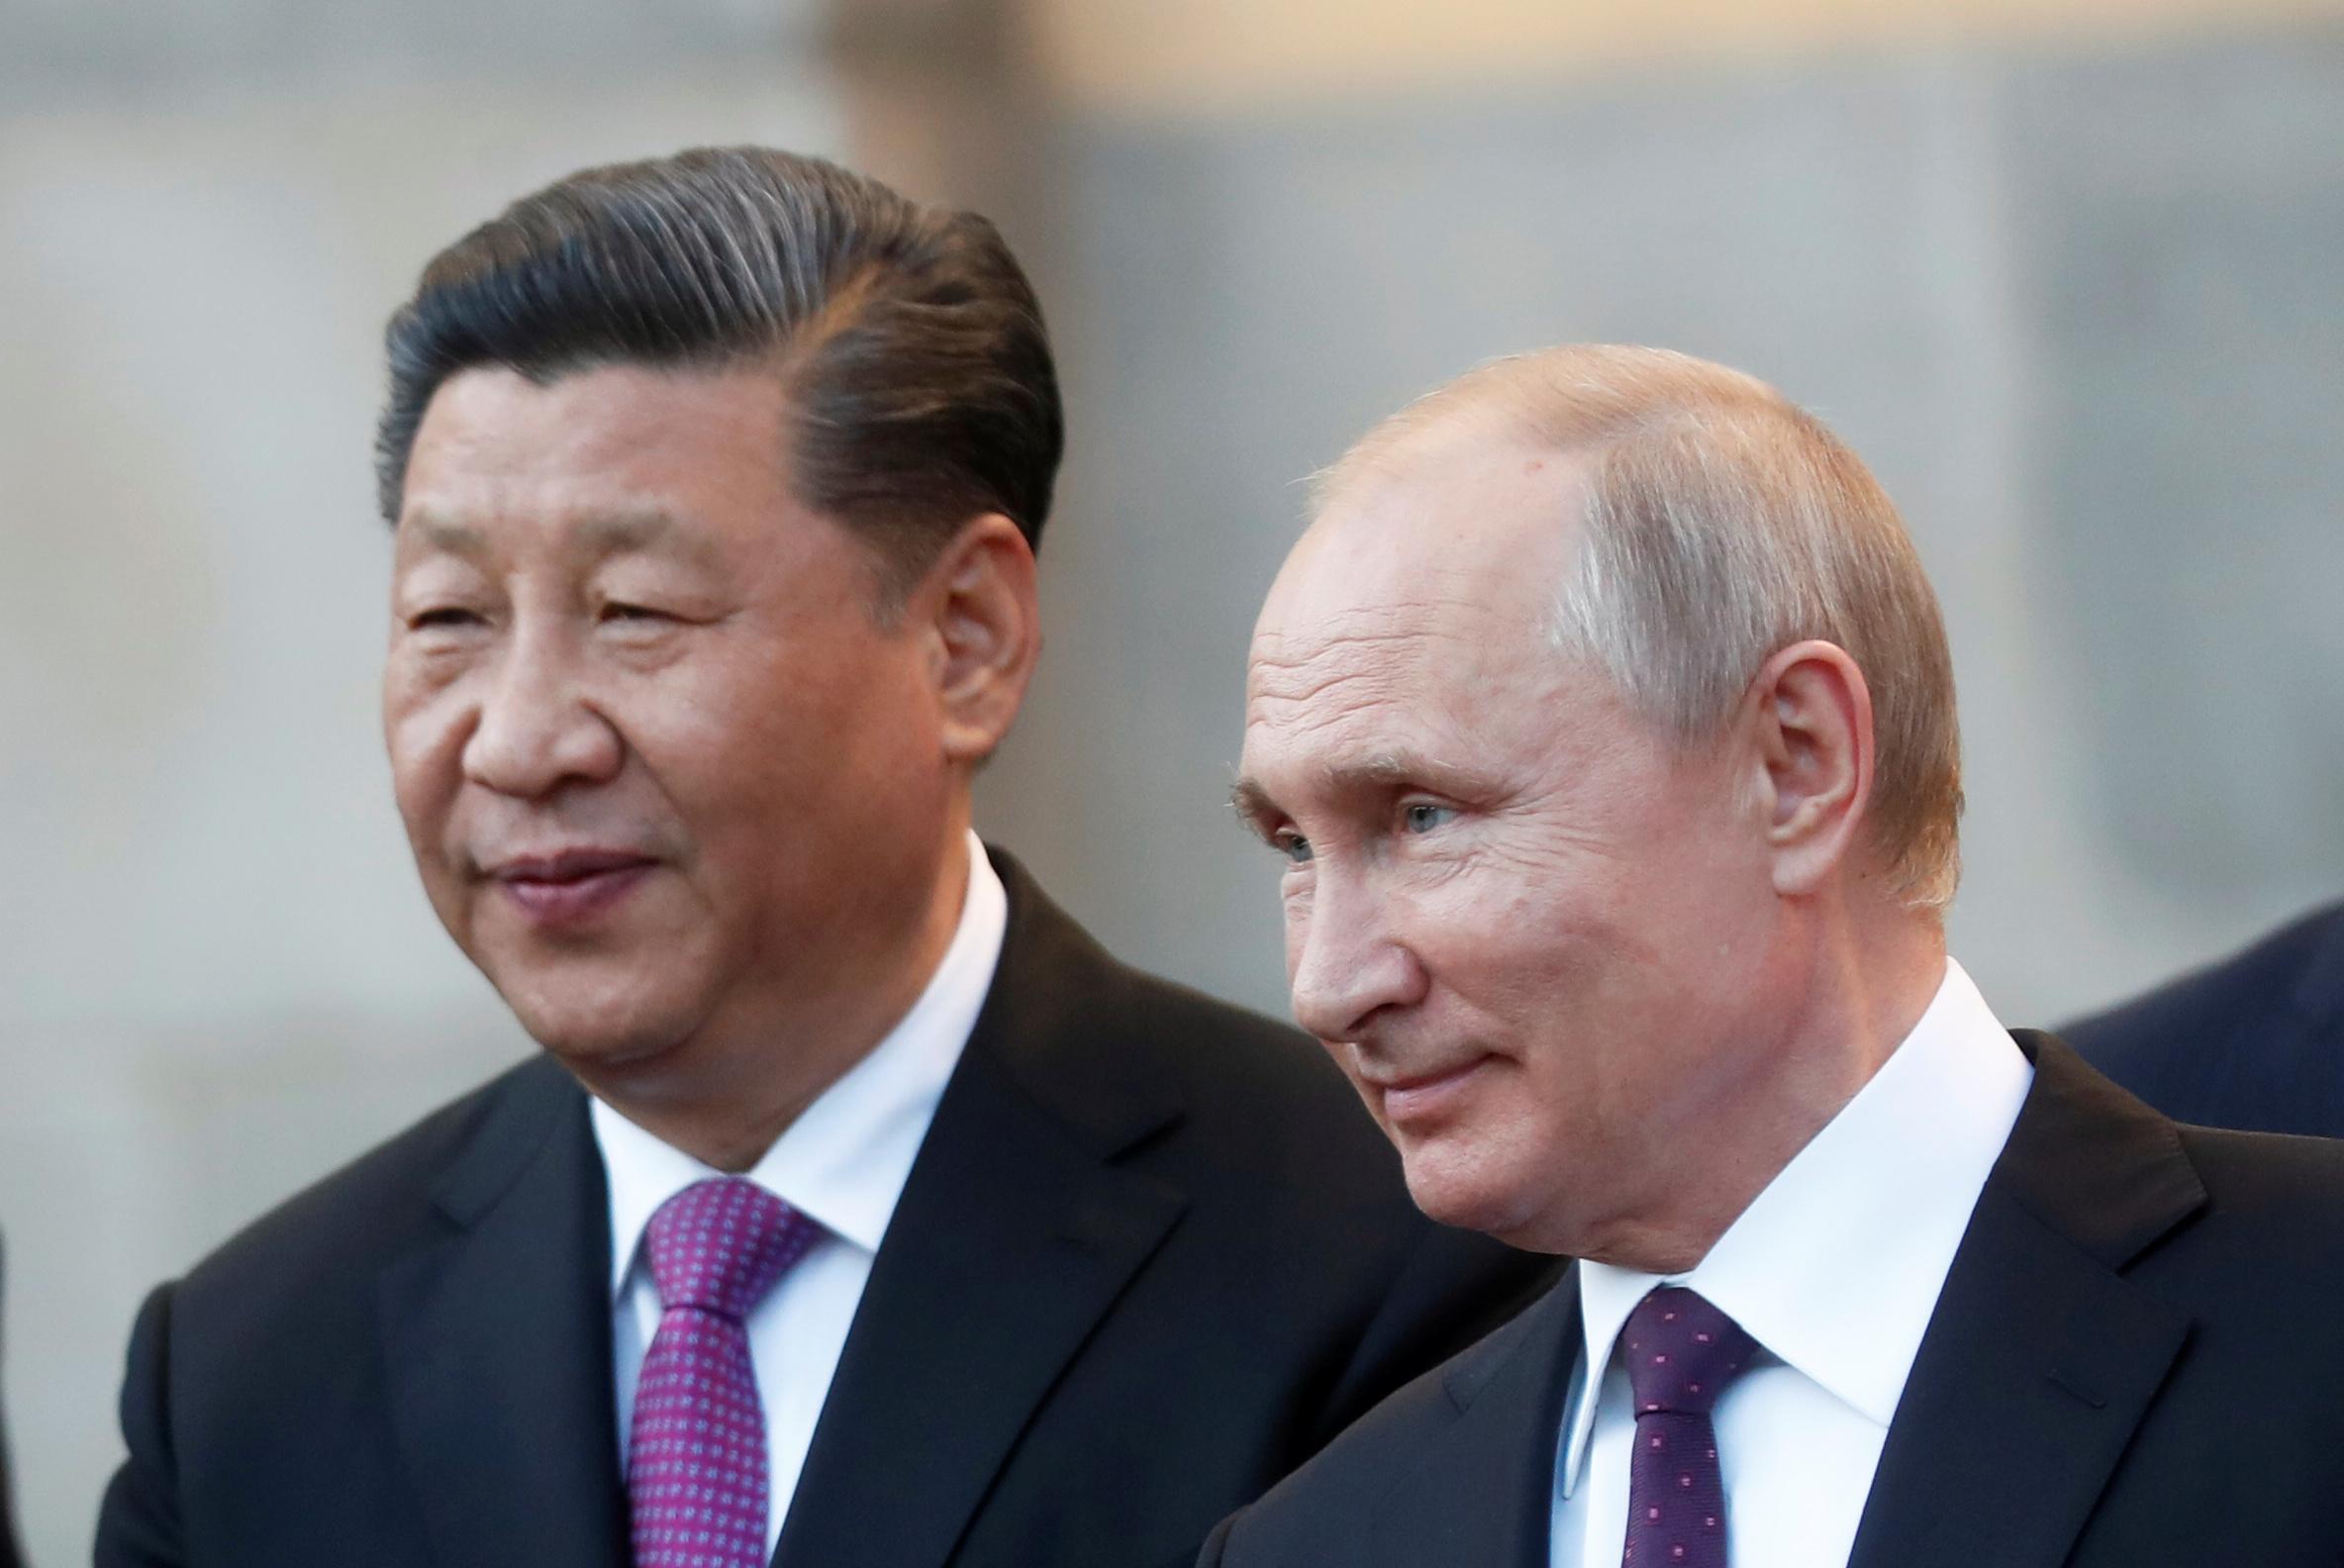 Le président chinois Xi Jinping et son homologue russe Vladimir Poutine au Kremlin à Moscou, le 5 juin 2019. (Source : National Interest)